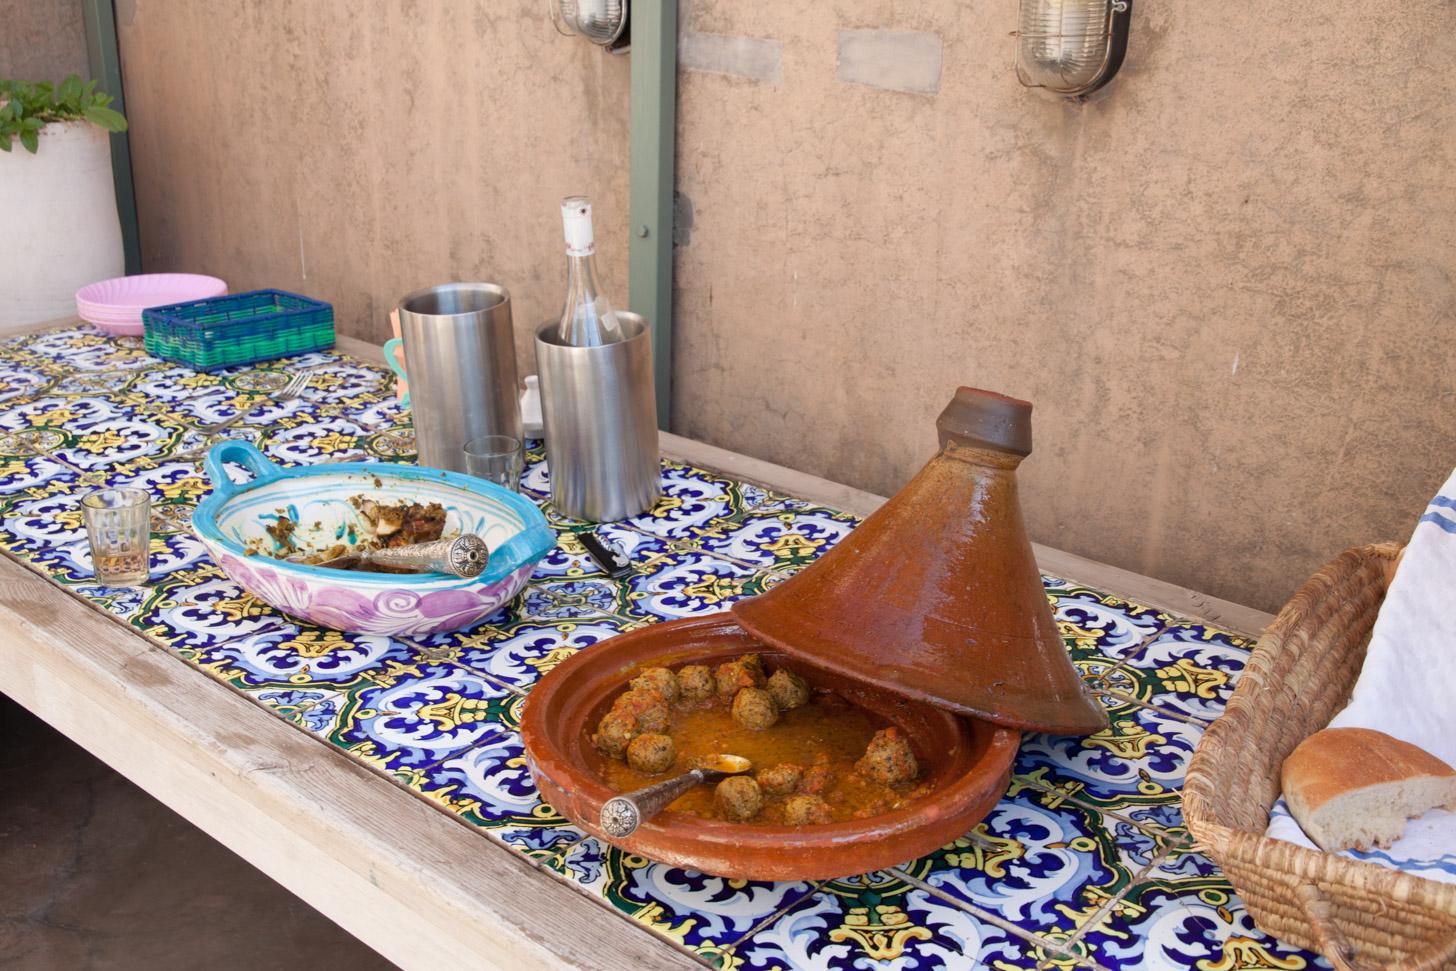 De tajine wordt gebruikt om lekkere stoofpotten te maken